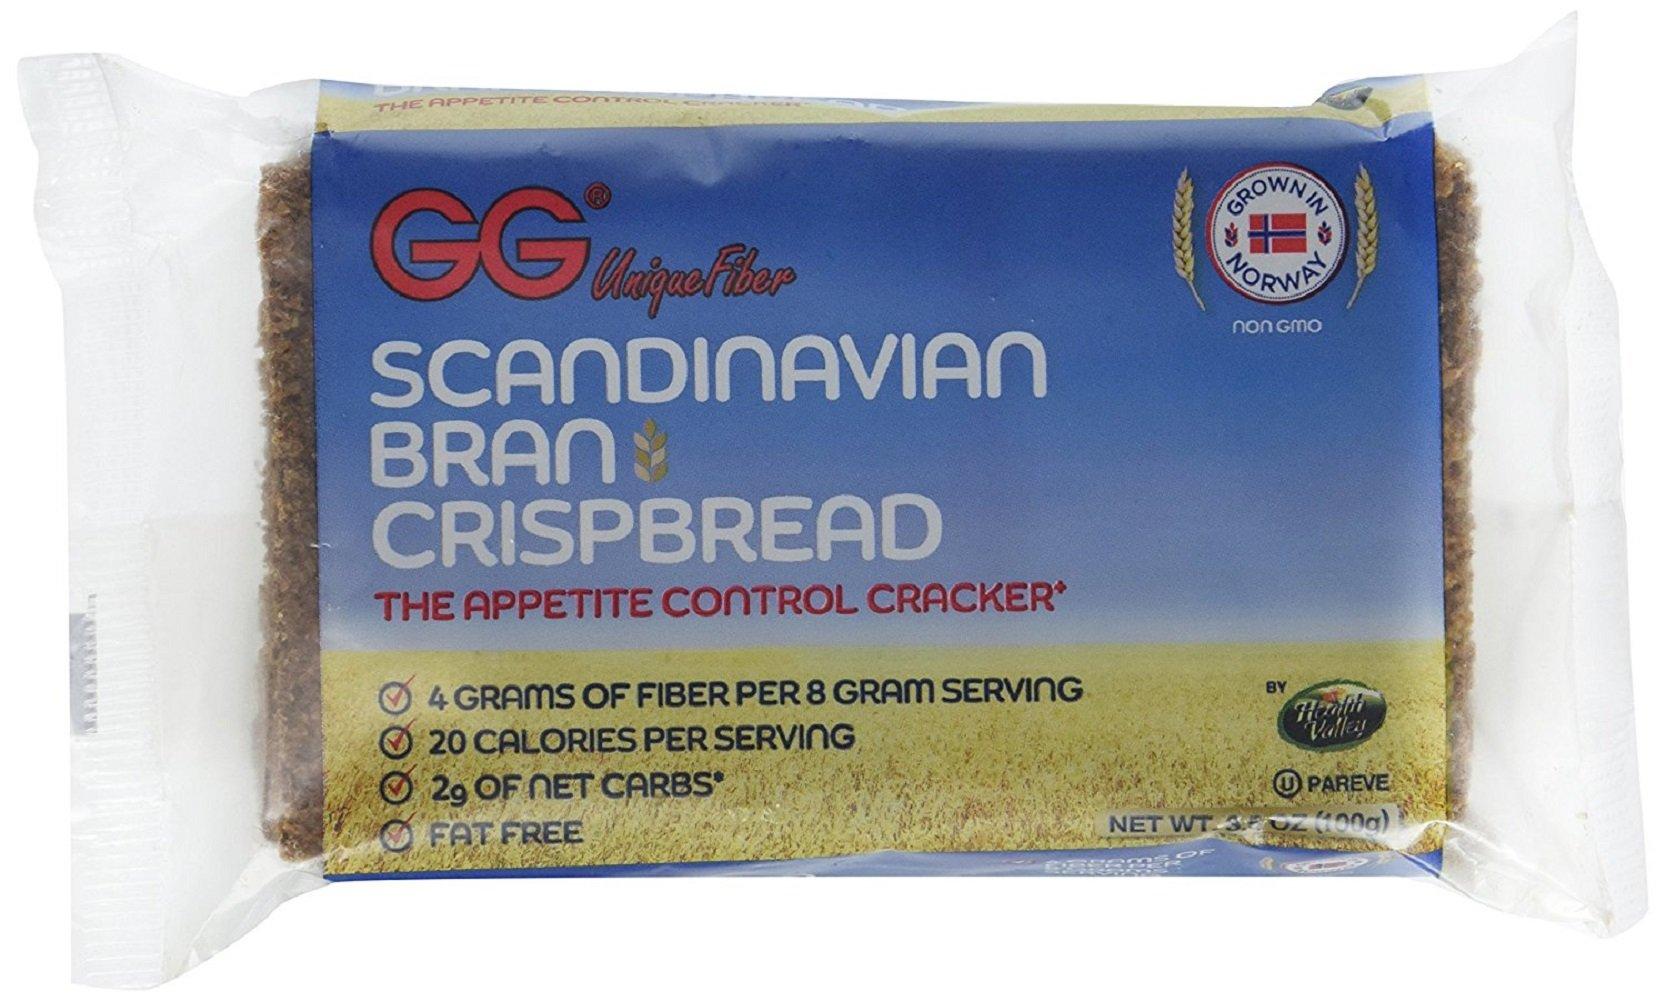 GG Scandinavian Bran Crispbread, 3.5-Ounce Packages (Pack of 10)